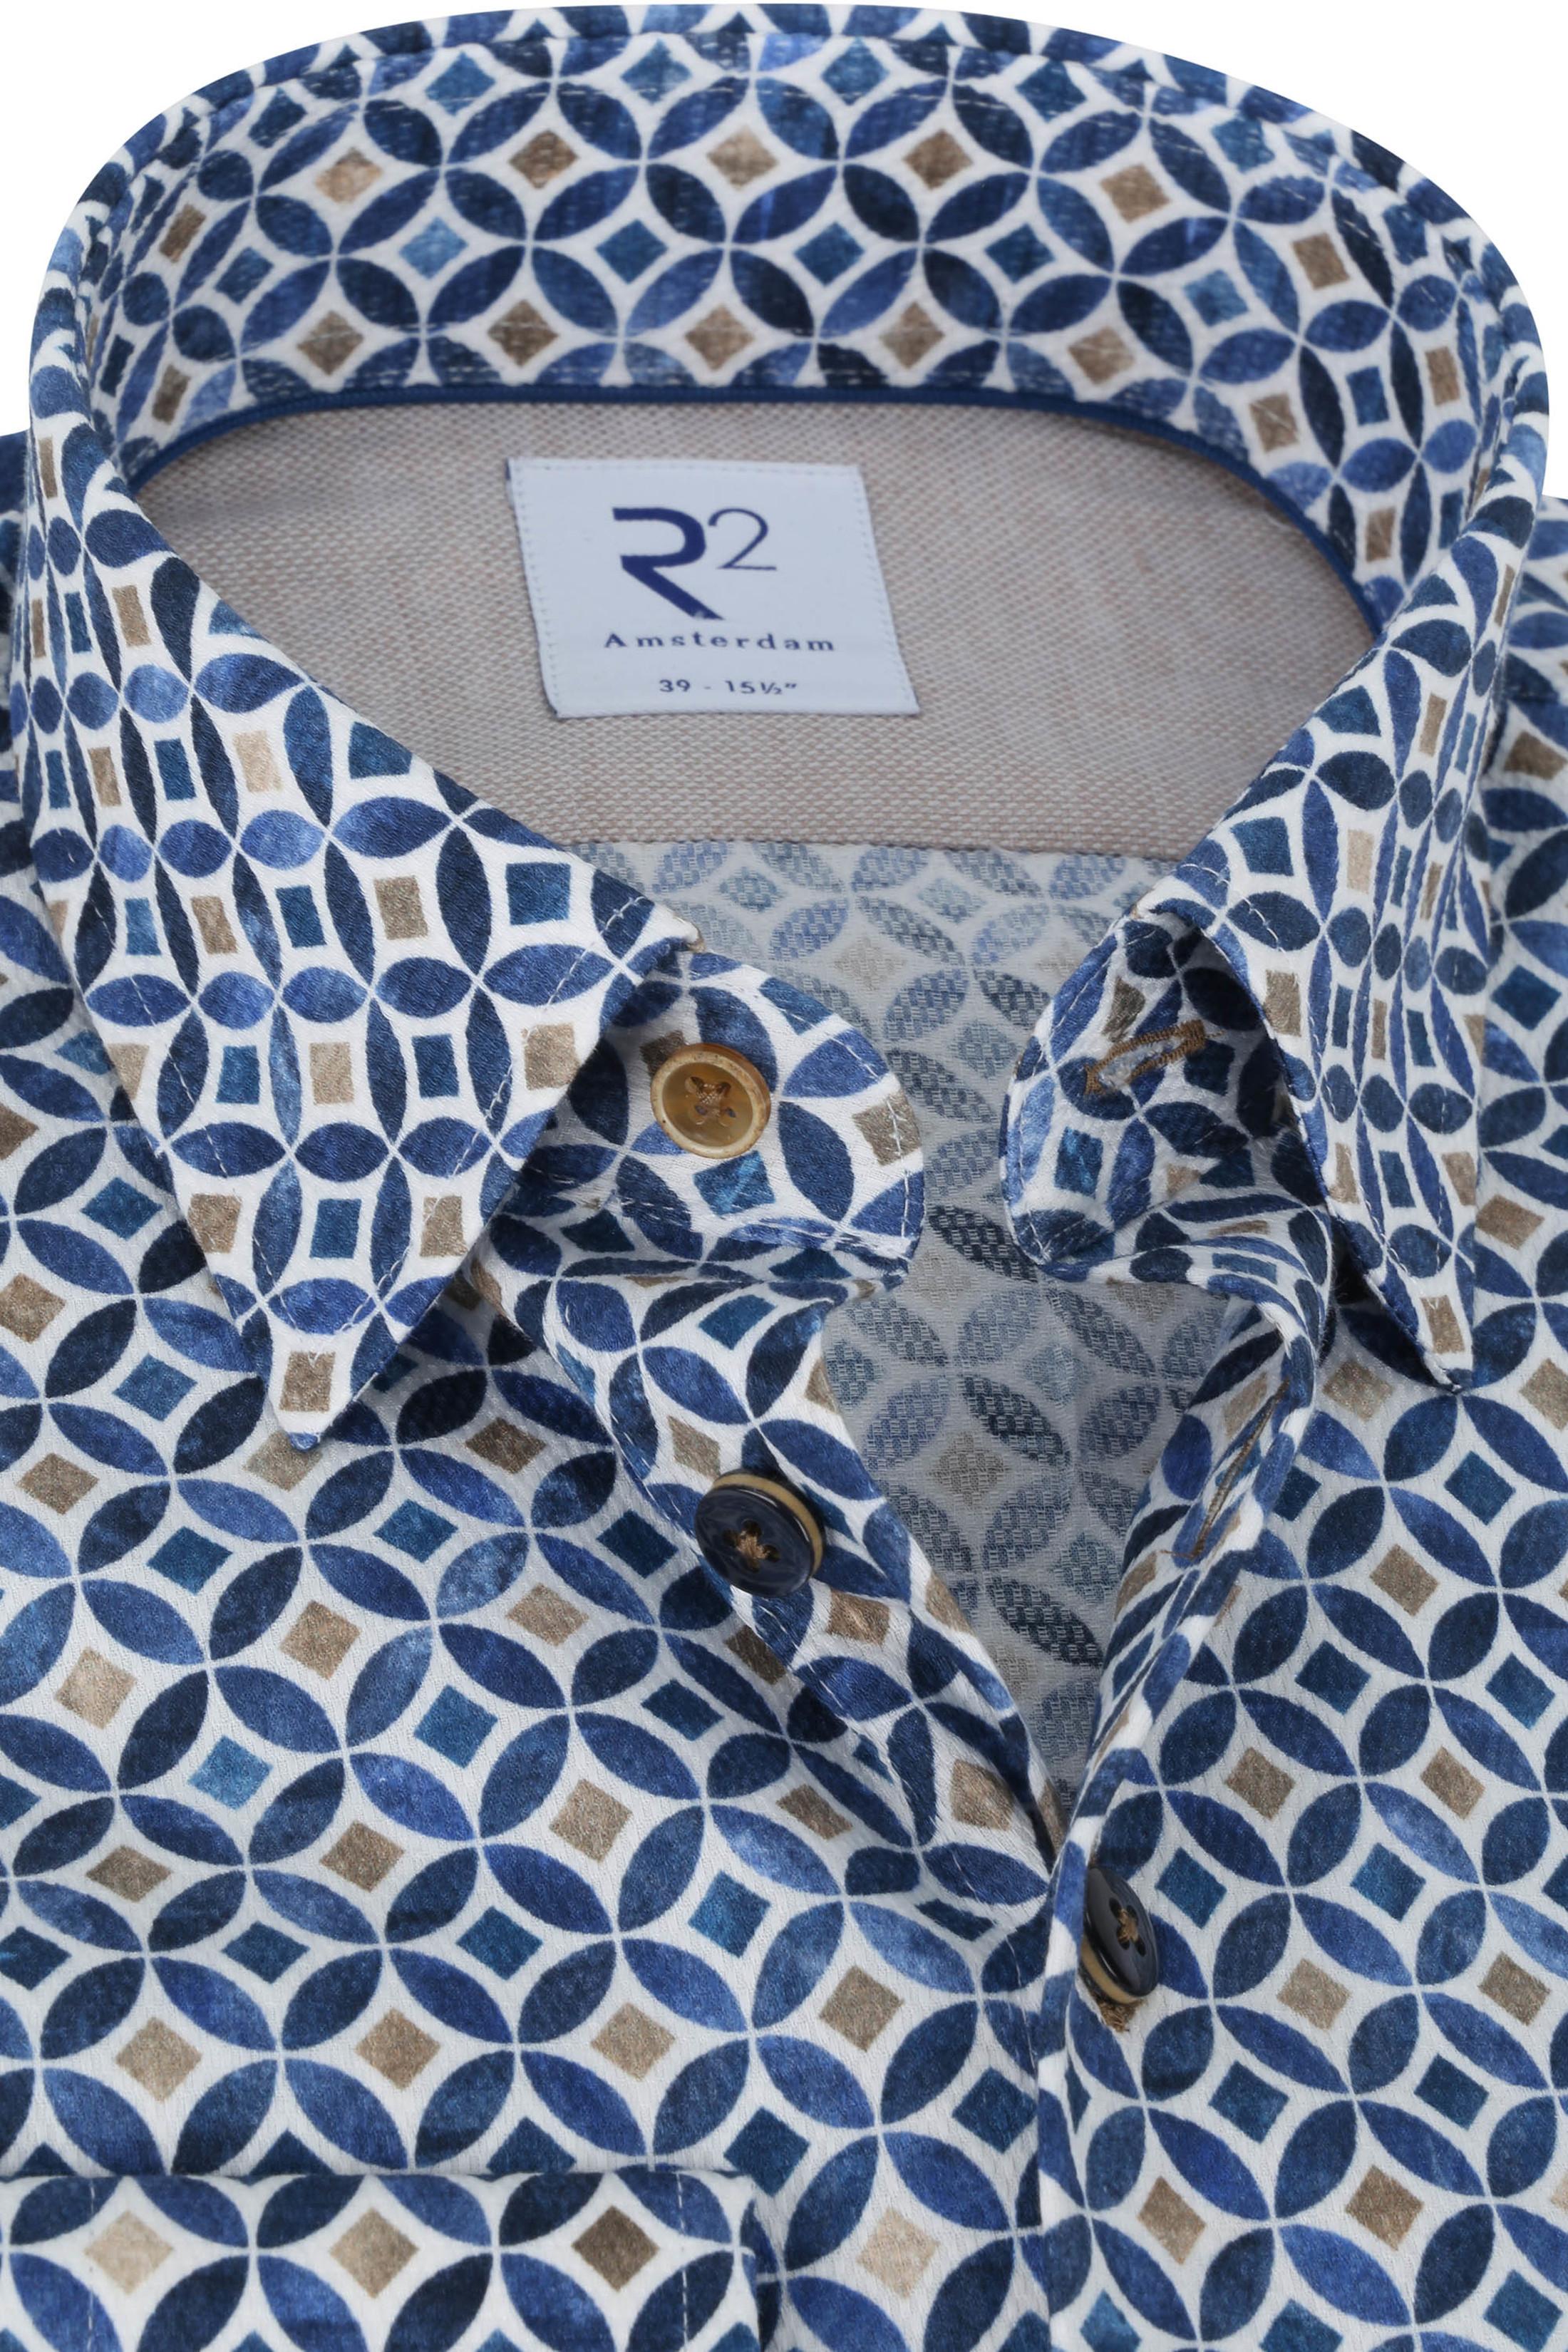 R2 Overhemd Cirkel Patroon Blauw